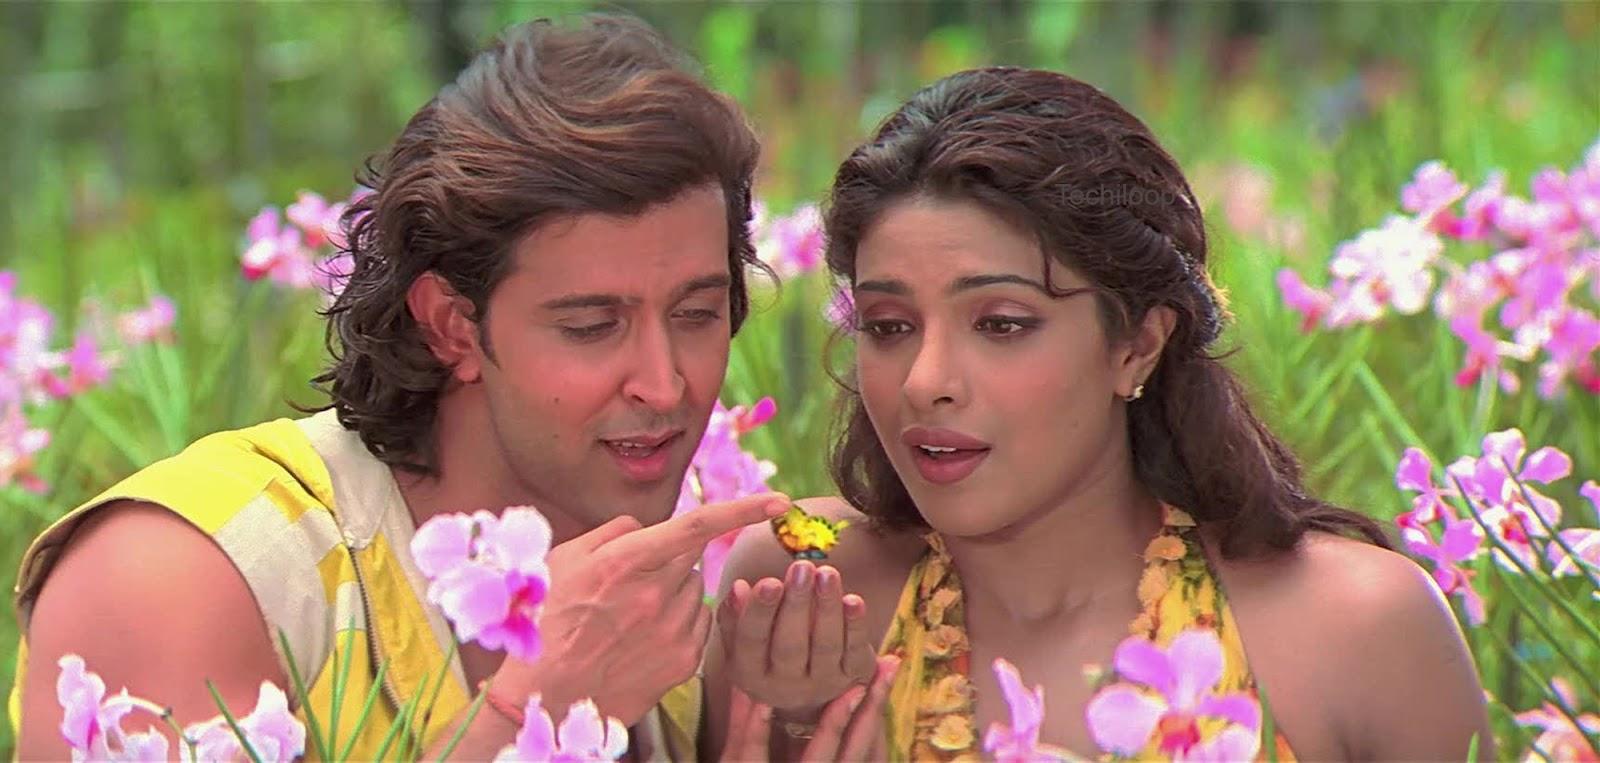 скачать фильмы на телефон индийские бесплатно без регистрации